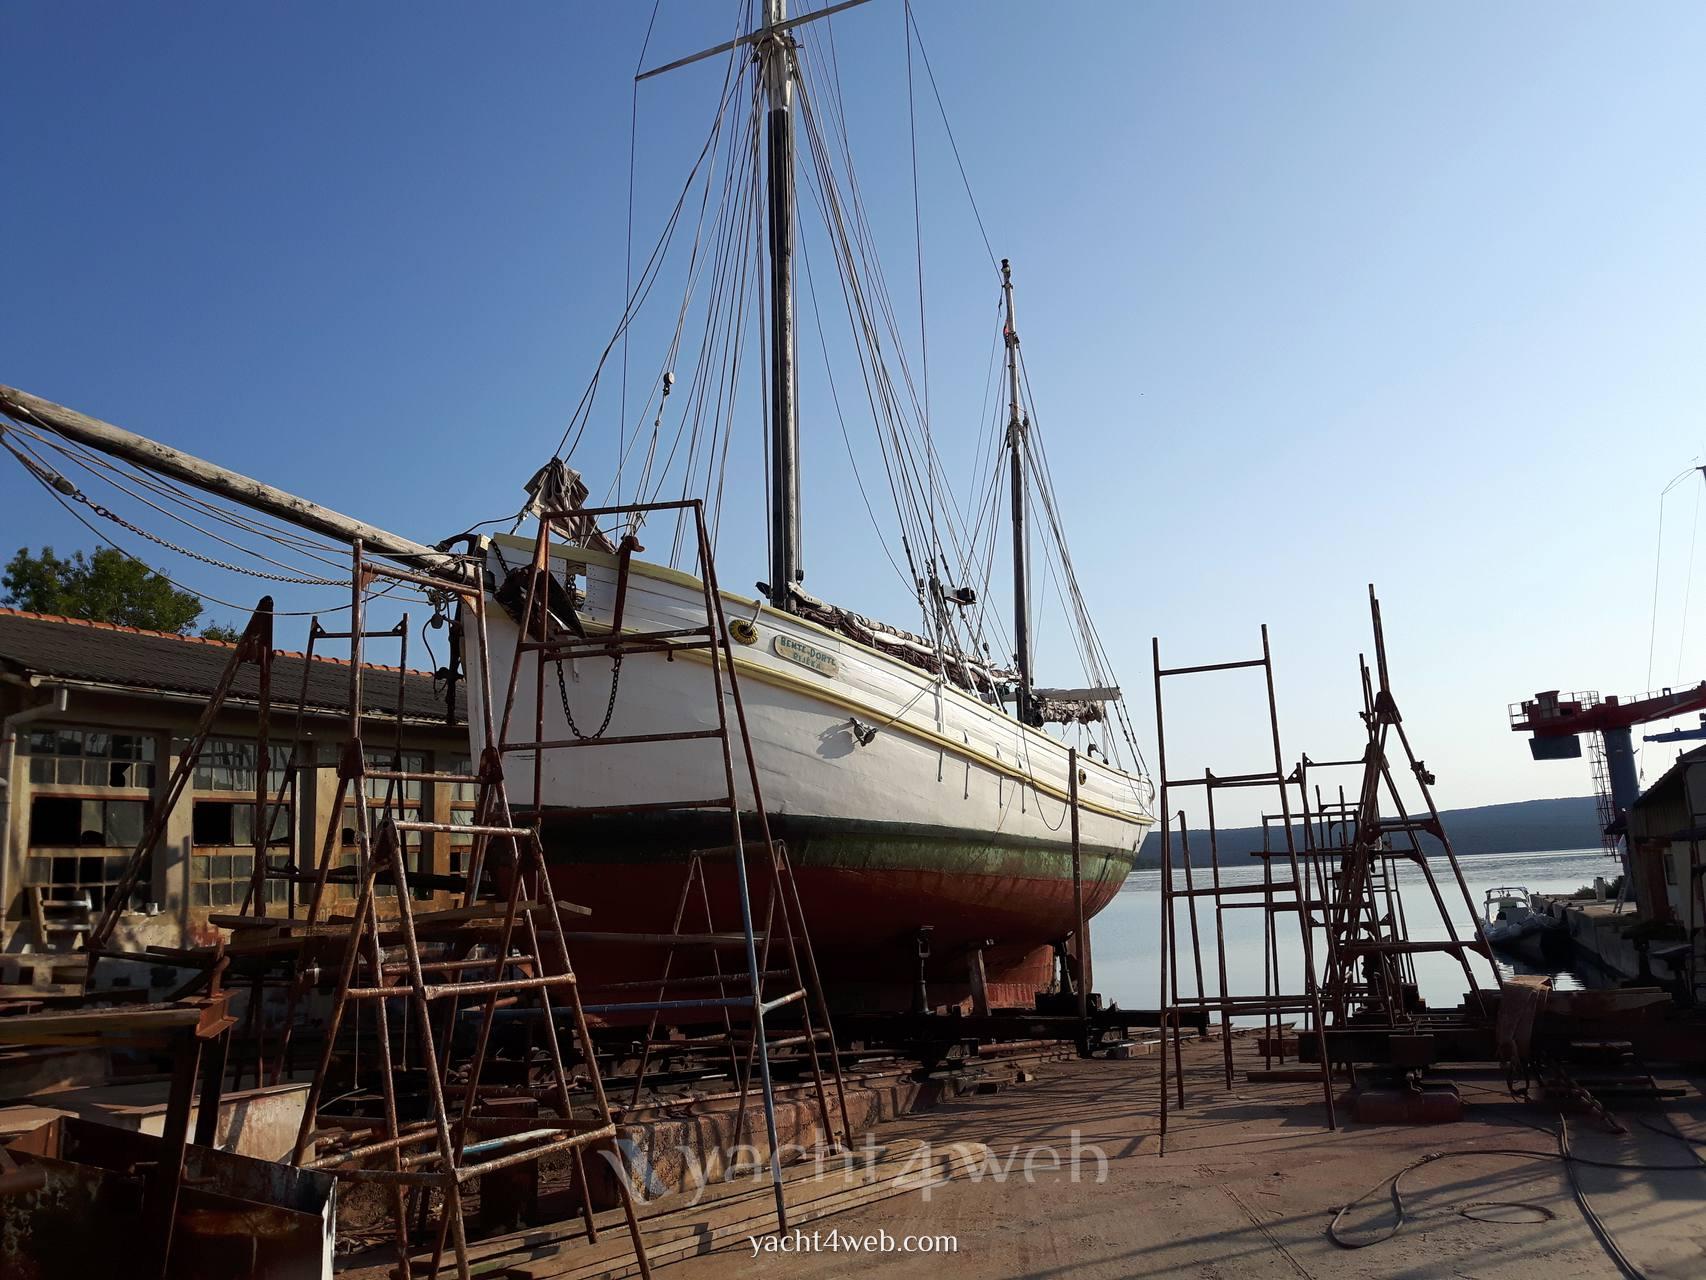 Danish Hai Kutter Bente dorte Antique and Classic